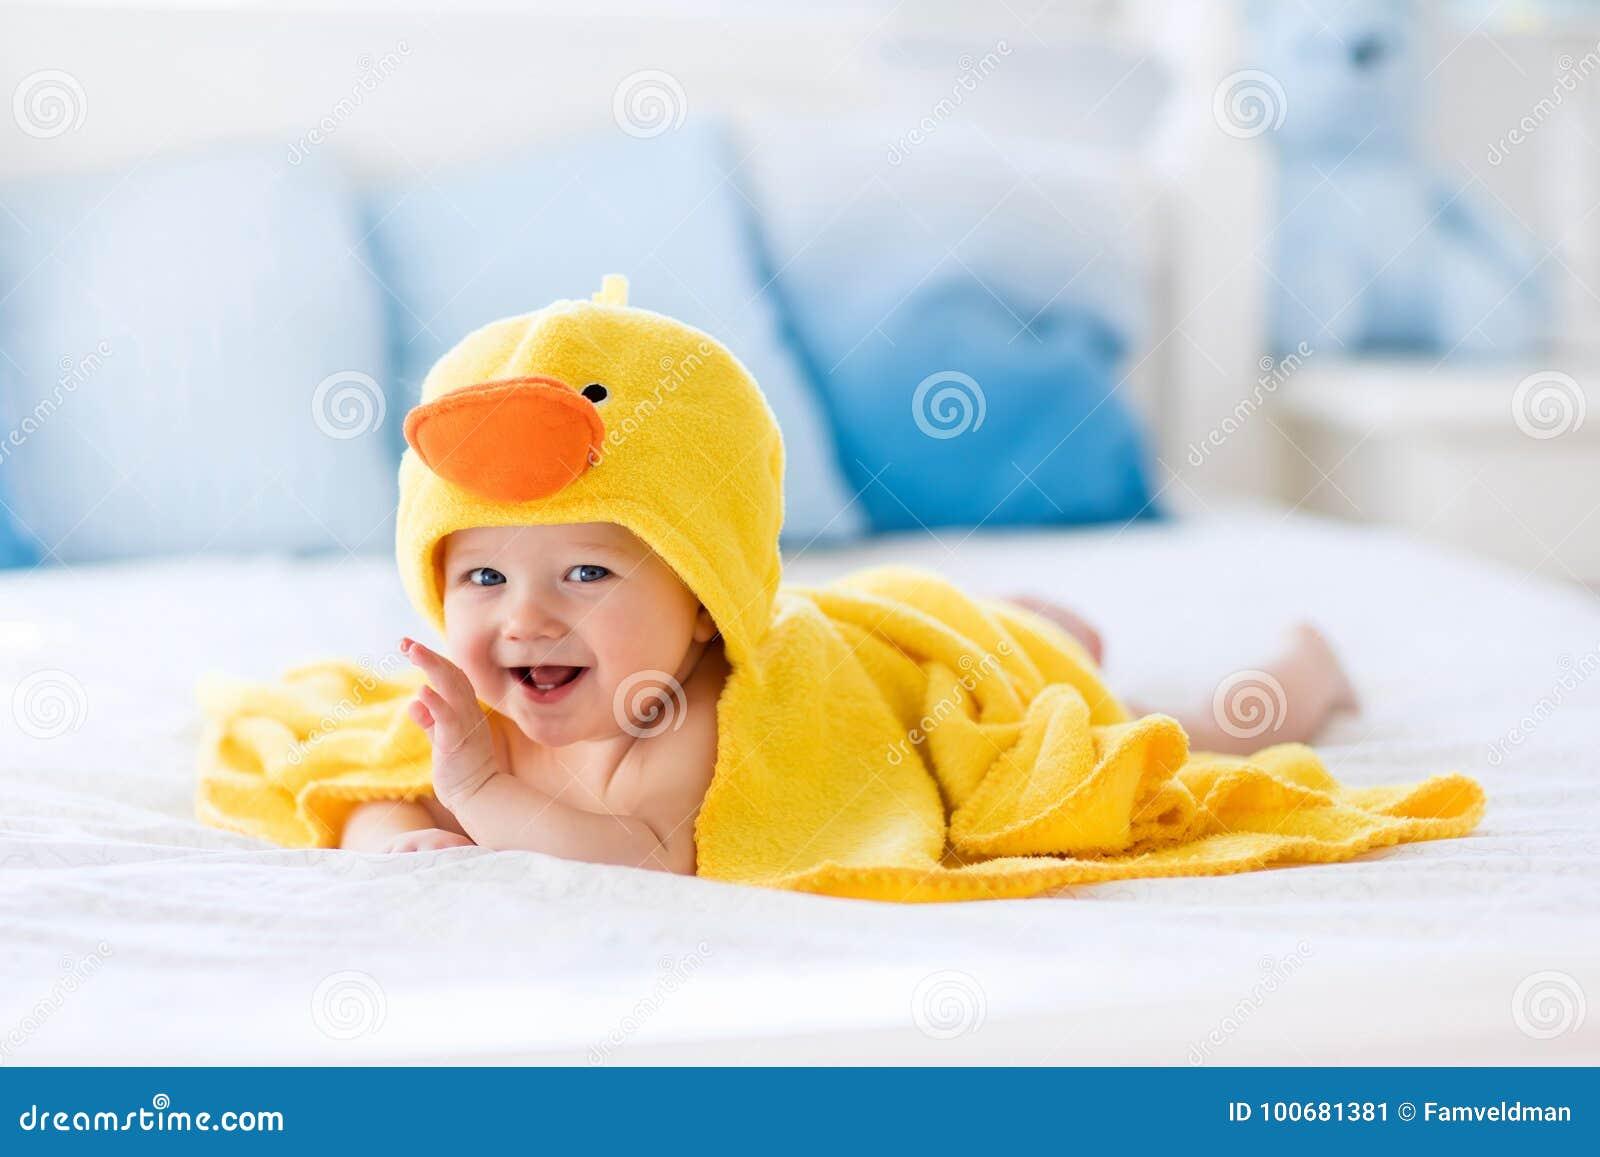 Χαριτωμένο μωρό μετά από το λουτρό στην κίτρινη πετσέτα παπιών